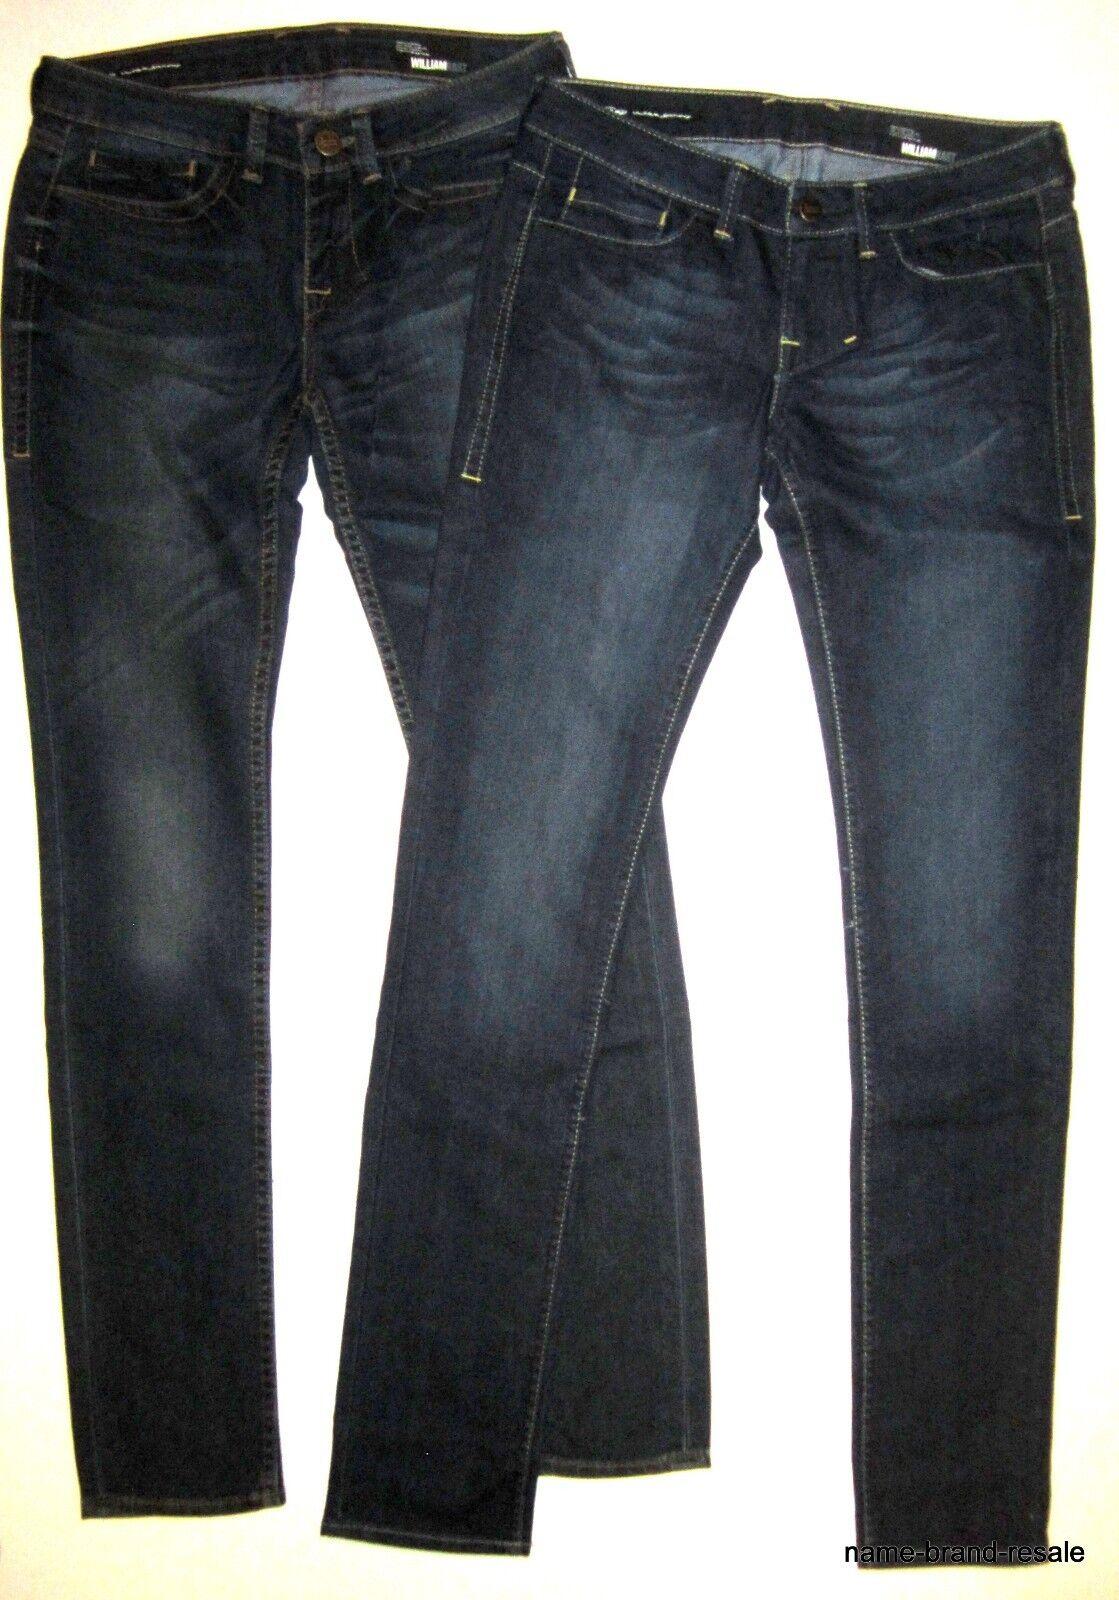 Lot 2 WILLIAM RAST NEW Jerri Ultra SKINNY Jeans WOMENS 27 x 33 Dark Wash Slim